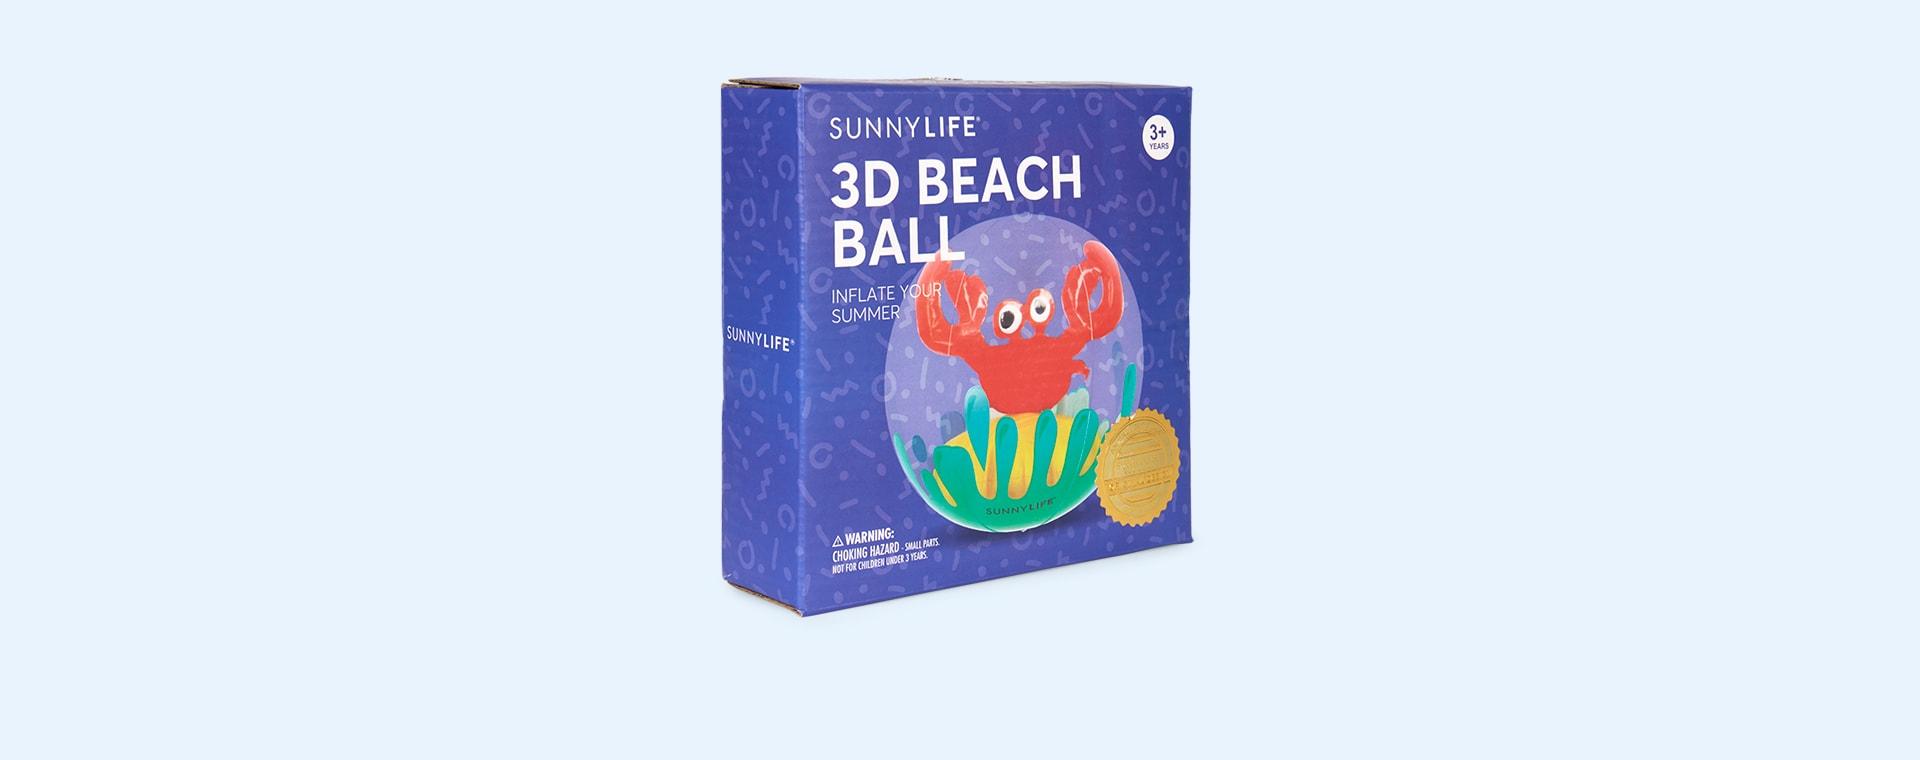 Crabby Sunnylife 3D Inflatable Beach Ball